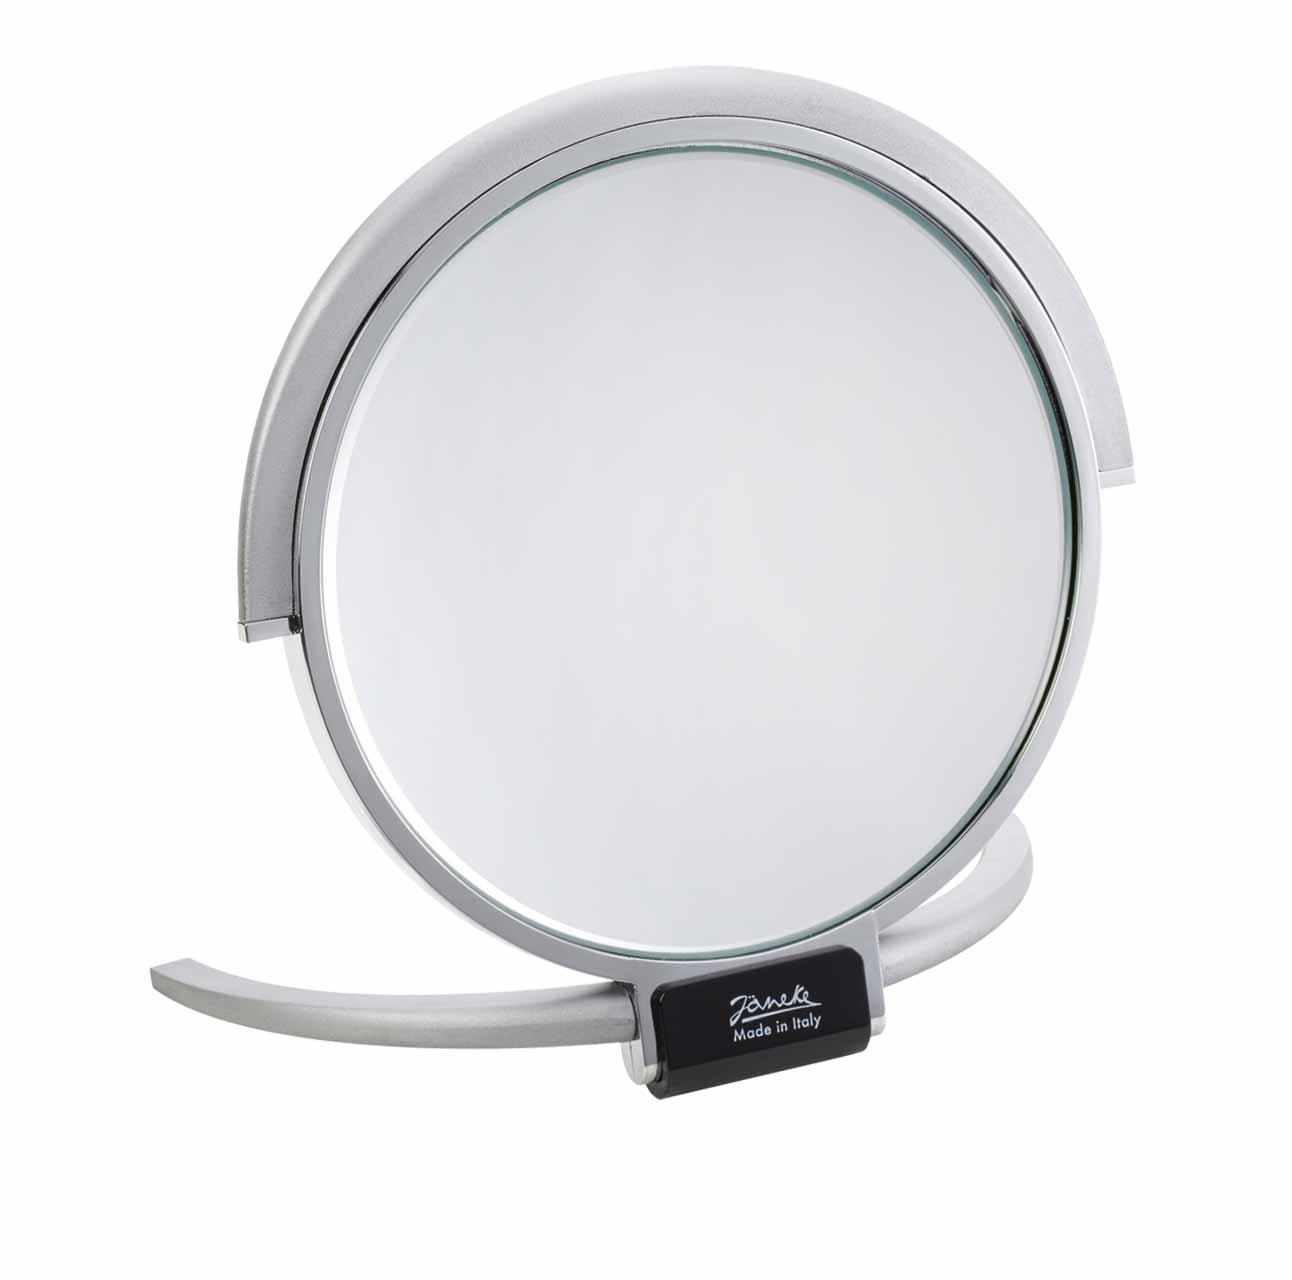 Specchio da toeletta da appoggio ingrandimento x3 diametro 130 cod al442 3 janeke 1830 - Specchio da appoggio ...